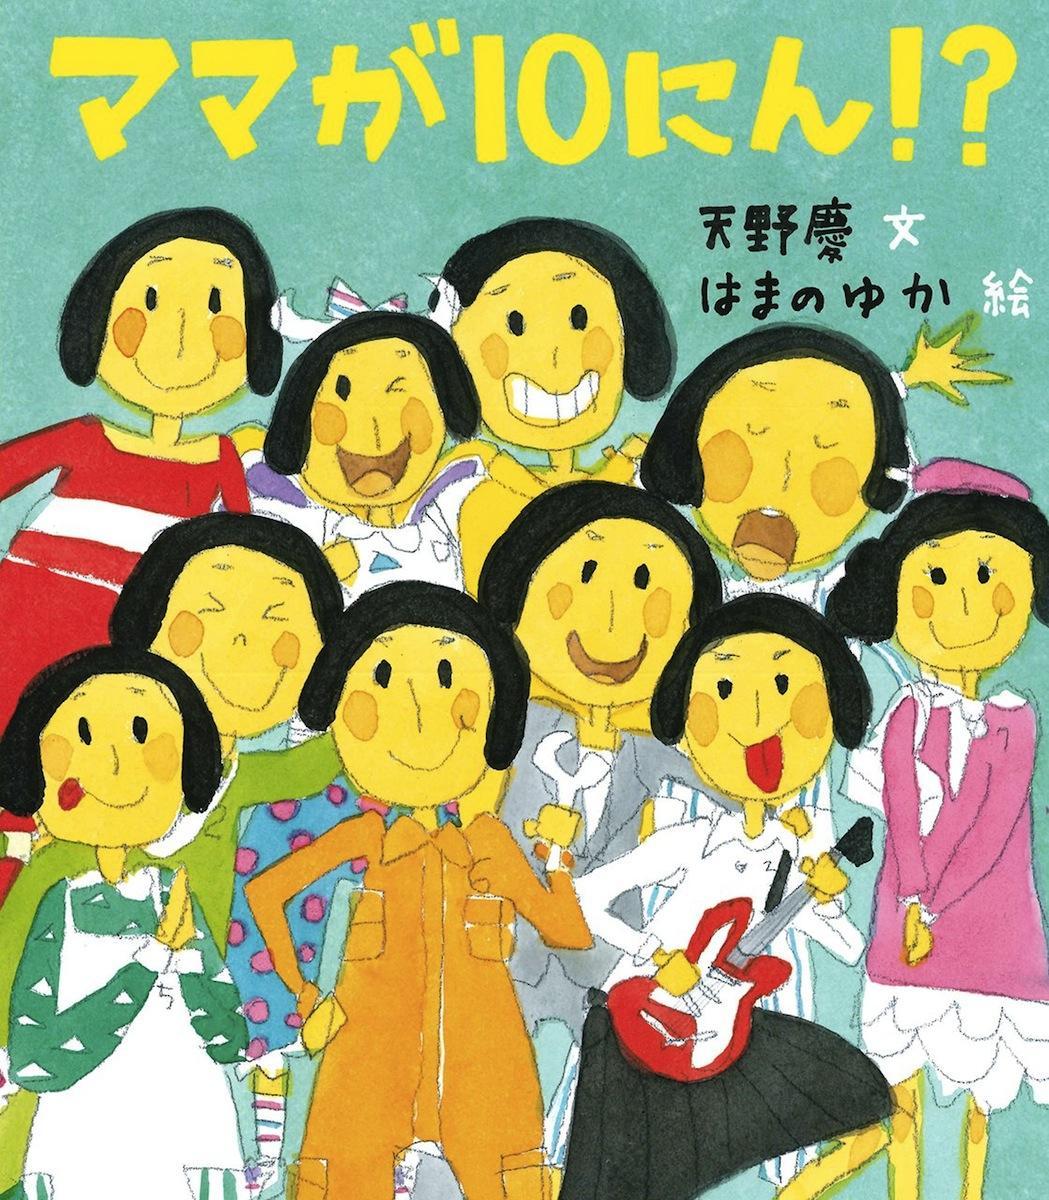 天野慶さんが文を、はまのゆかさんが絵を手掛けた絵本「ママが10にん!?」の表紙